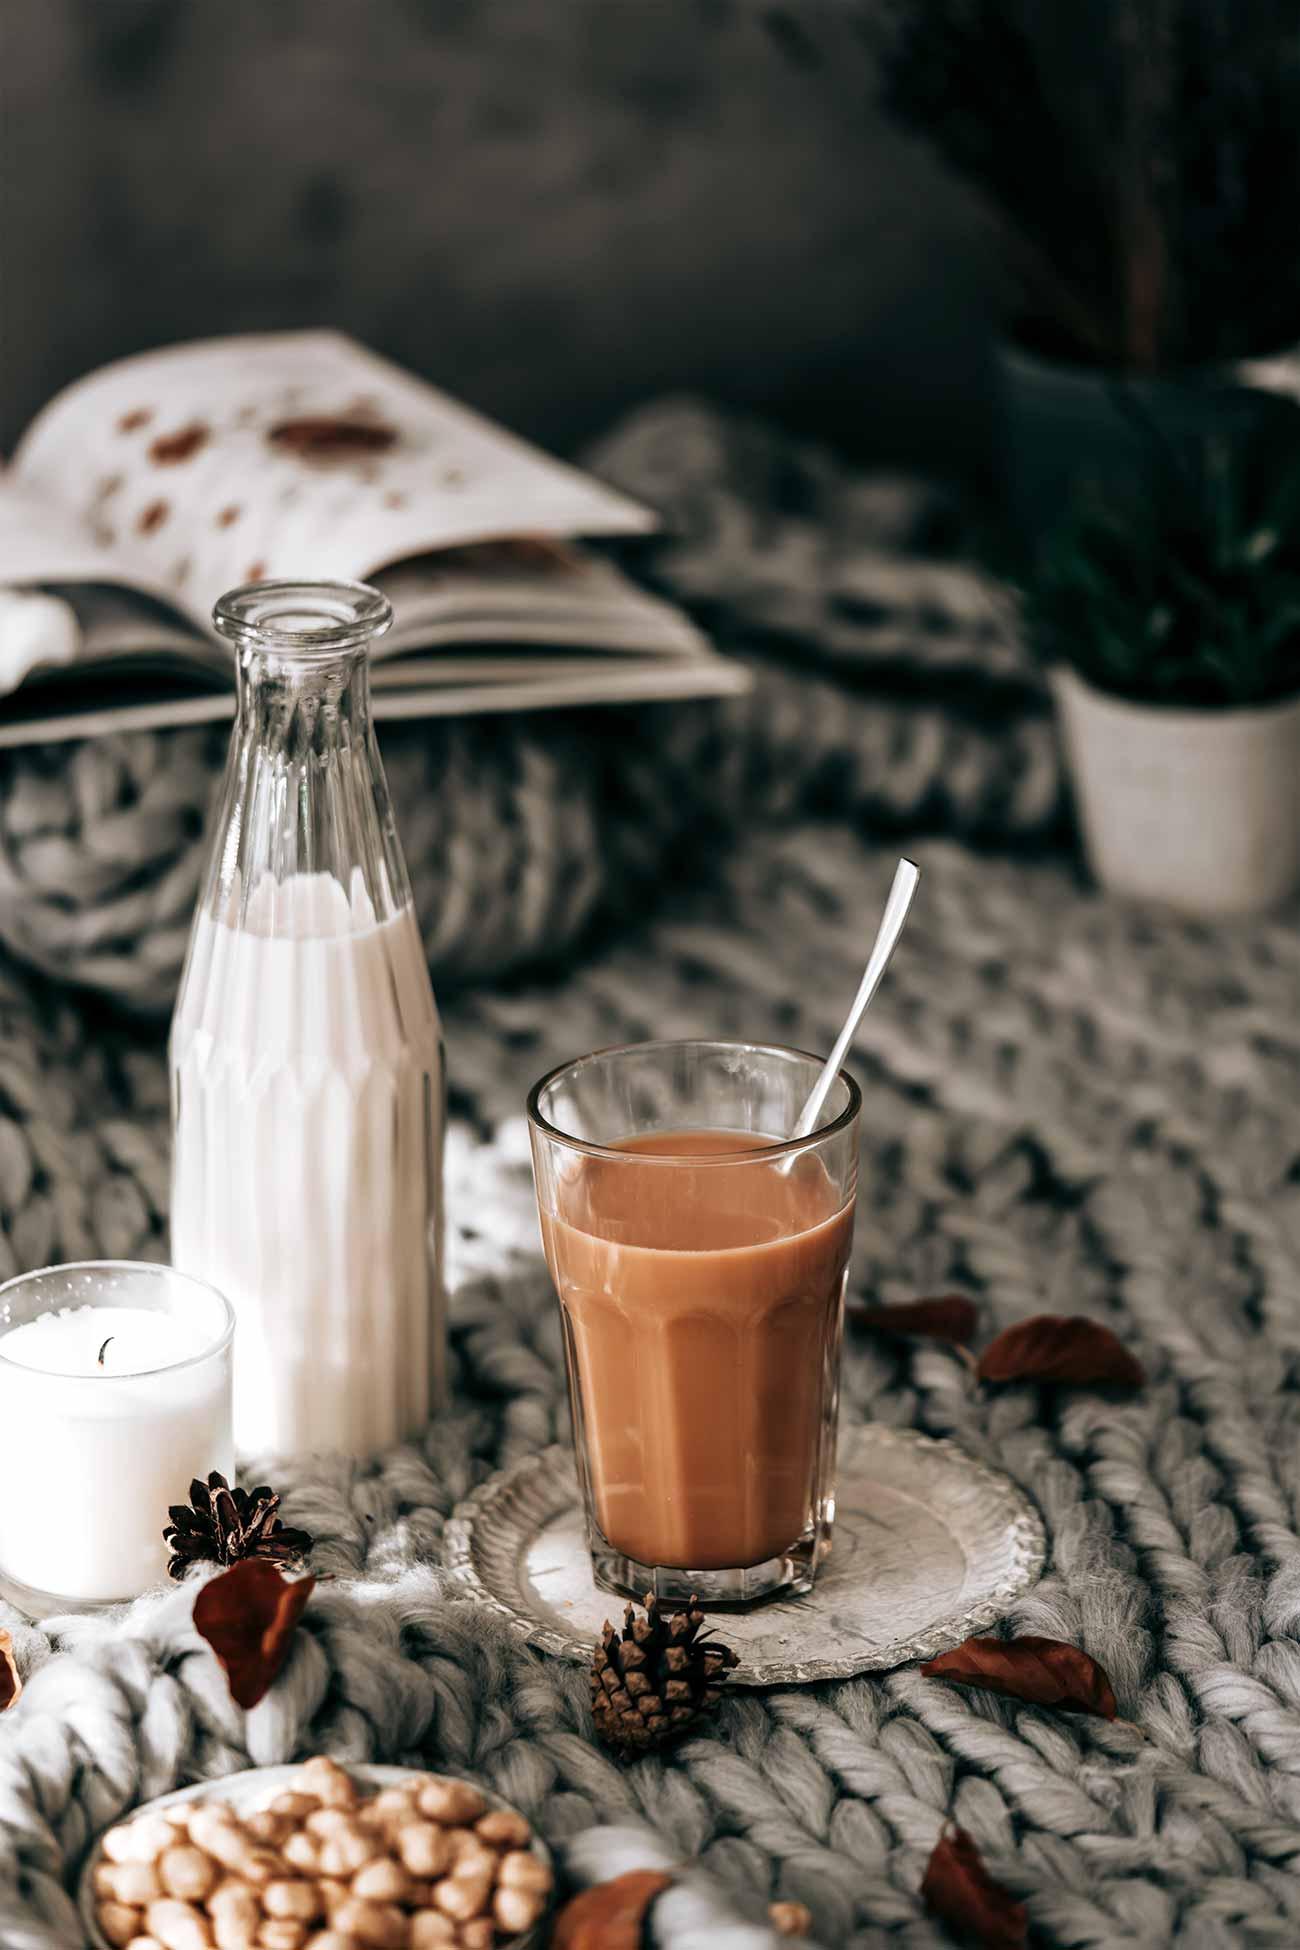 Also, ehrlich gesagt bin ich ja eh ein großer Sesam-Fan. Sesam verbinde ich immer sofort mit dem Geschmack des Orients. Und meine Liebe zum Orient kennt ihr ja alle schon. Meine Gäste, die mit auf dem Sofa unter der Decke kuscheln dürfen, kreiere ich den leckeren Tahini-Kaffee mit heißer Milch. Ich mag ihn am liebsten ohne Milch, aber das liegt auch daran, dass ich den Sesam-Geschmack in Kombination mit dem Kaffee für eine unglaublich tolle Kombination halte, die ihr unbedingt probieren müsst.  Und Soulfood ist es auch: Kaffee enthält viele Antioxidantien und Niacin und die Sesampaste ist reich an Calcium, Eisen und Magnesium.